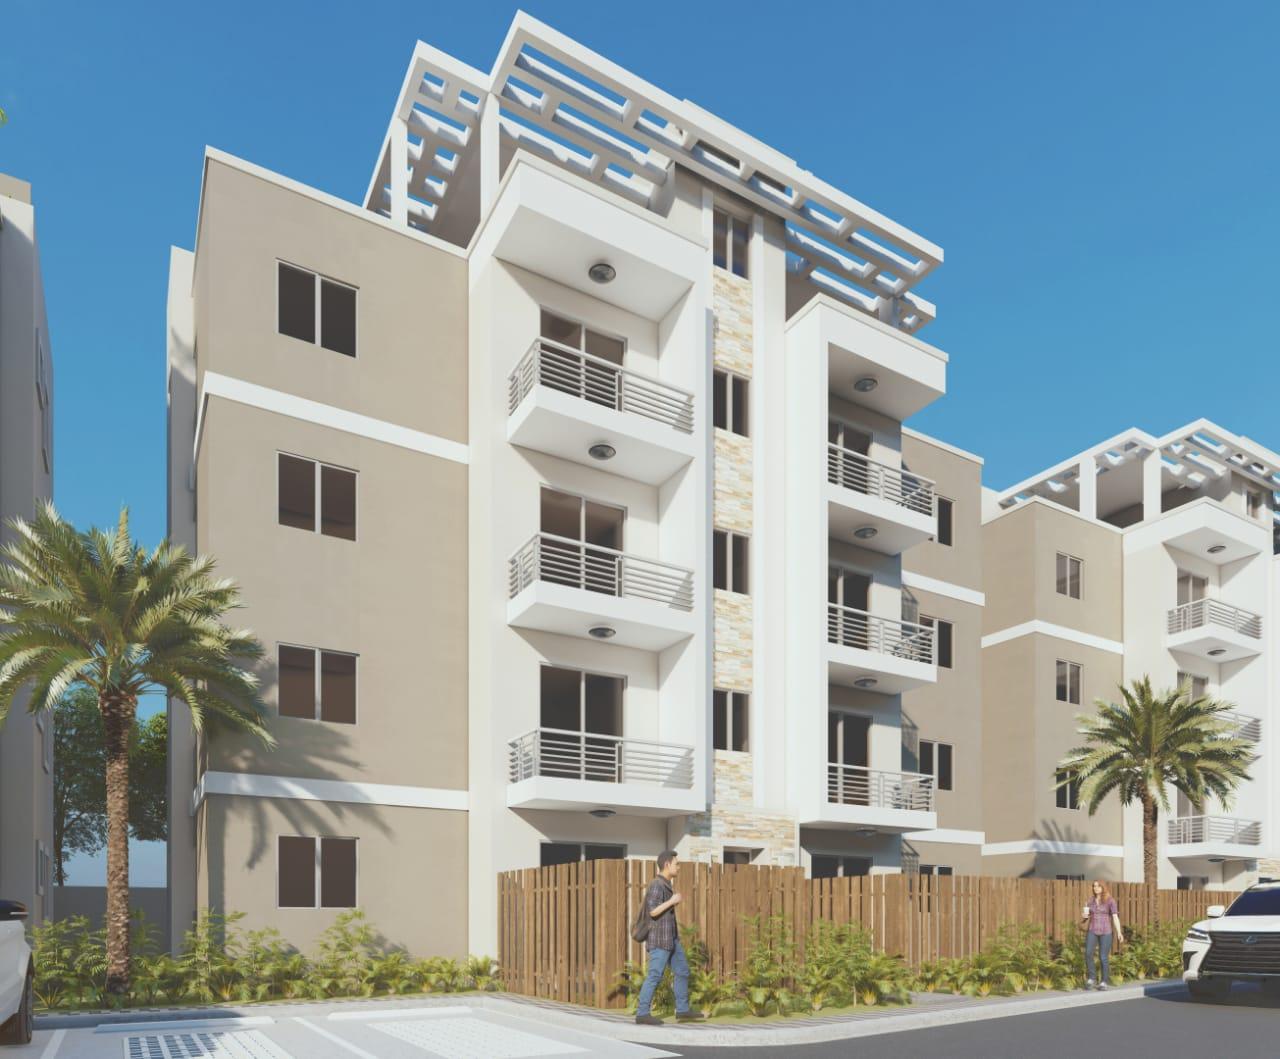 Proyecto de apartamento en Villa Aura bajo la ley de Fideicomiso inmobiliario